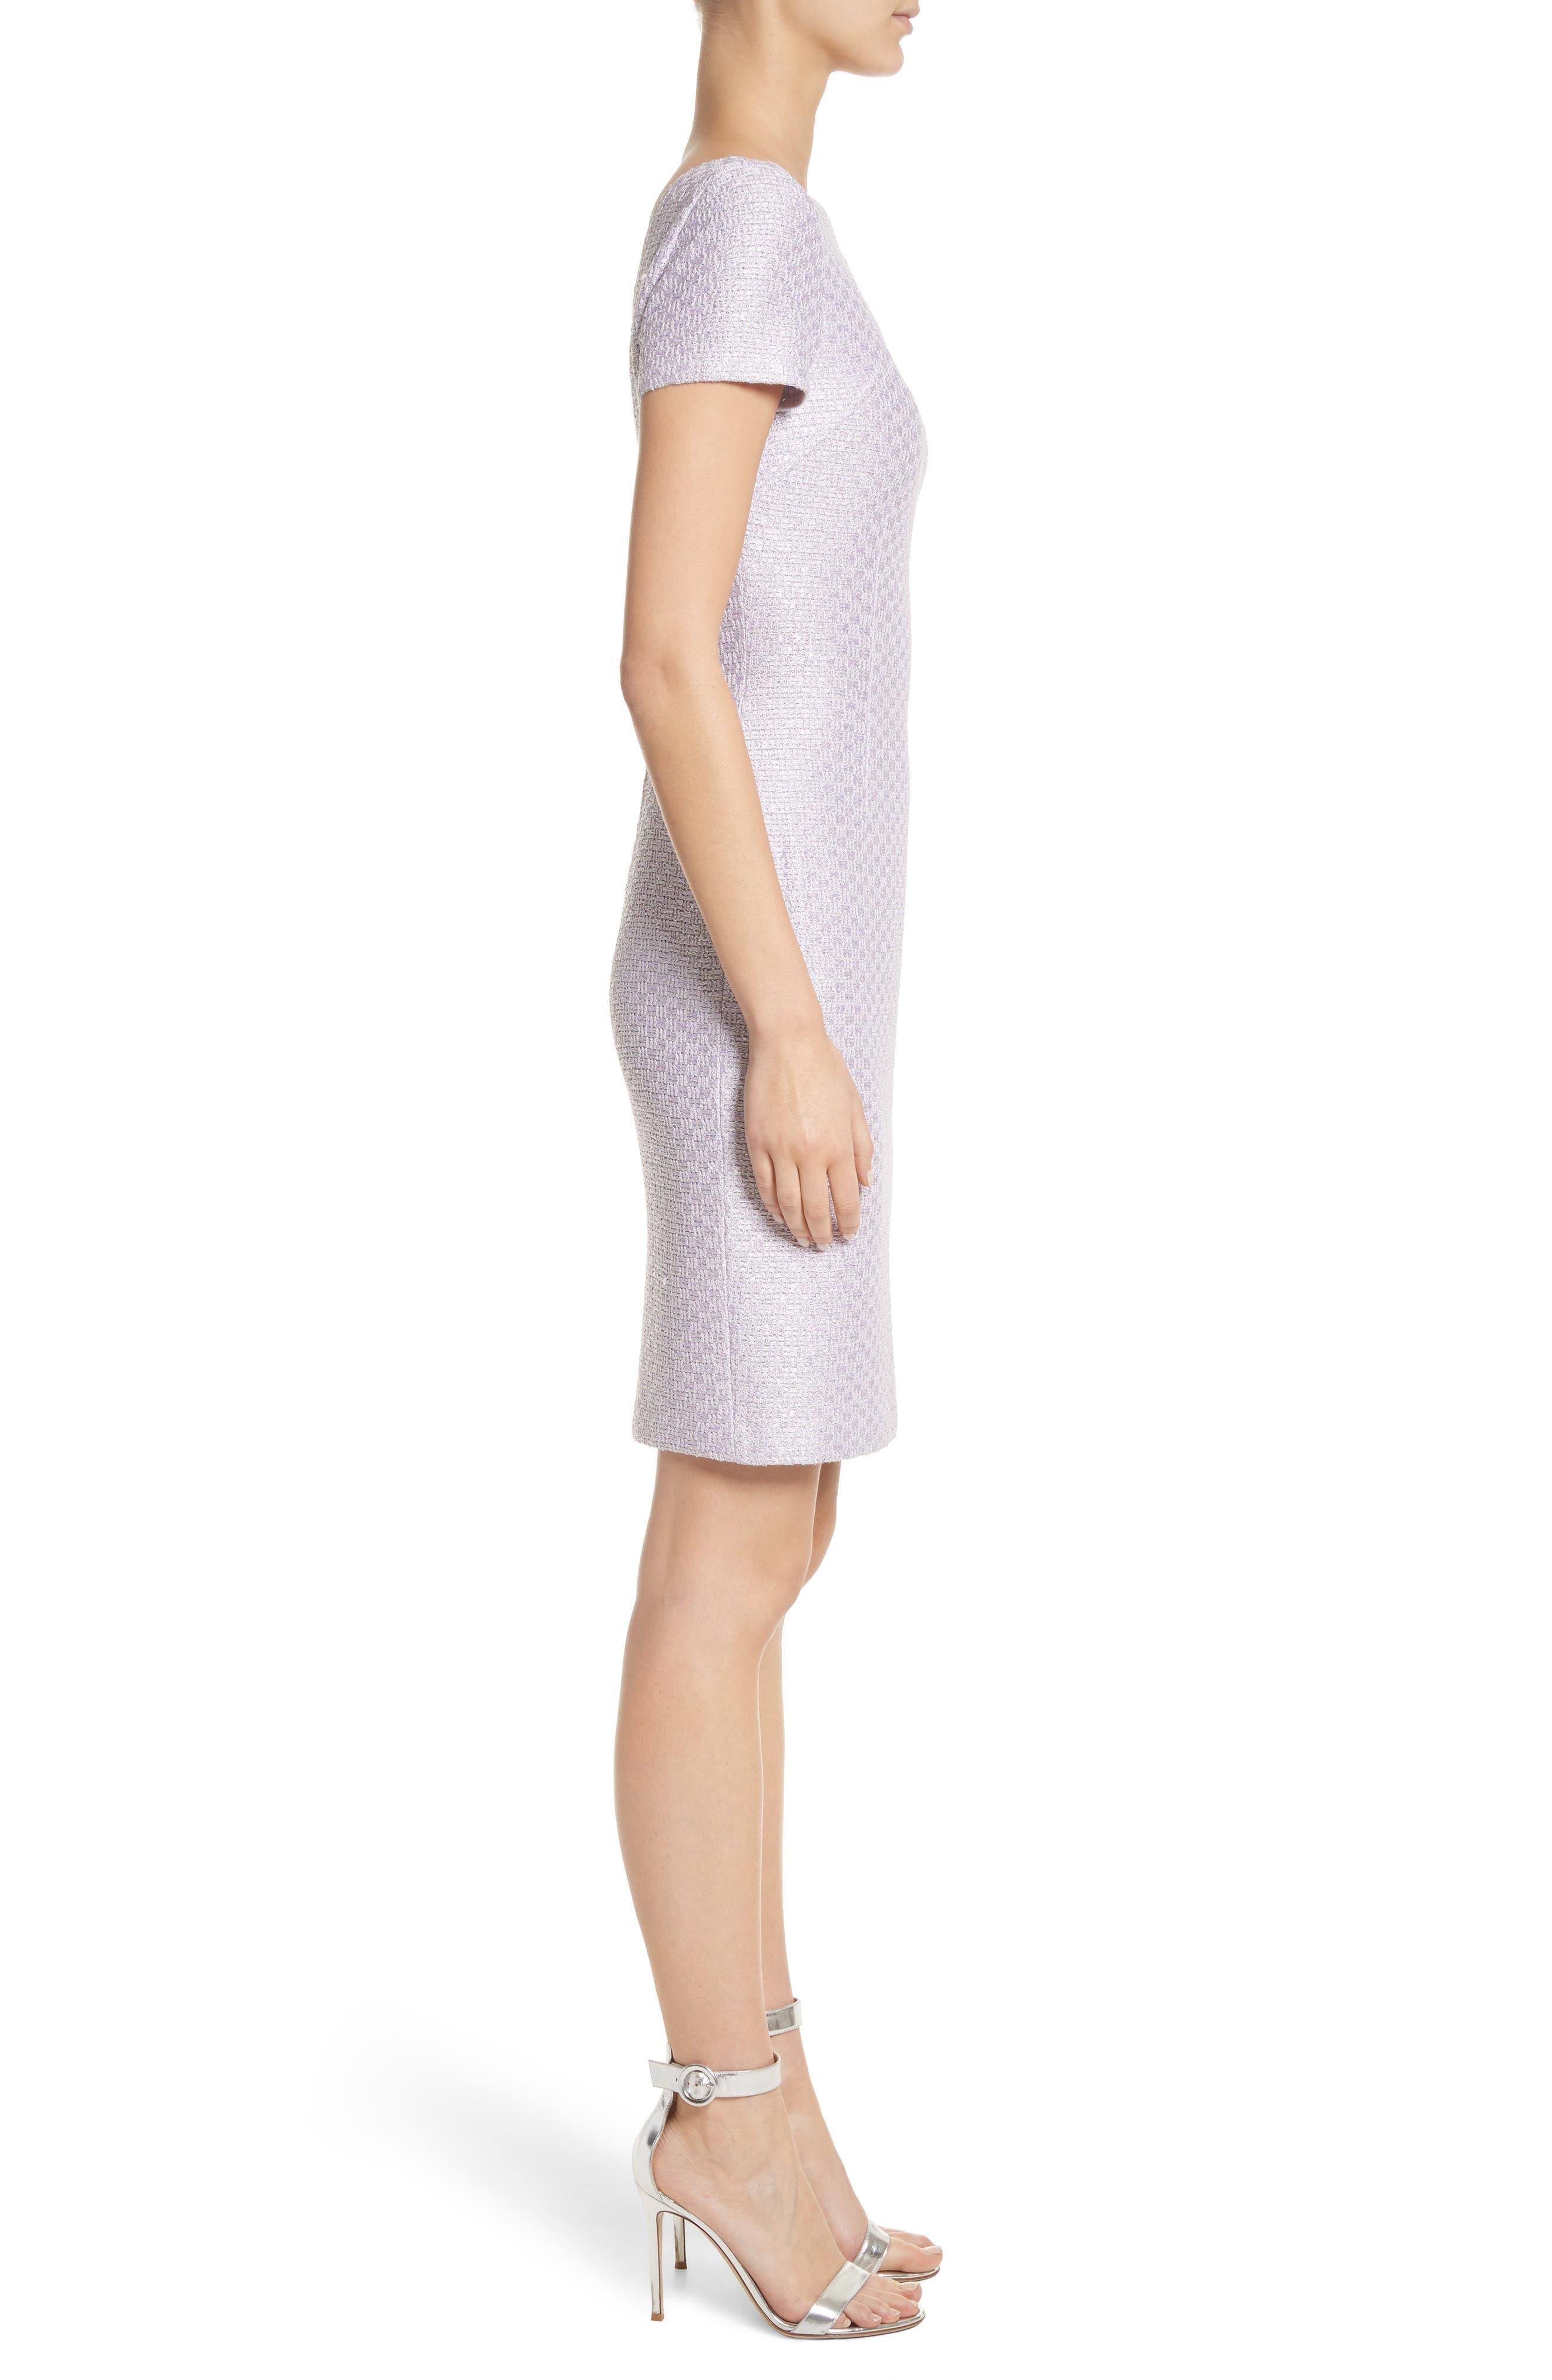 Hansh Sequin Knit Cutout Dress,                             Alternate thumbnail 3, color,                             Lilac Multi